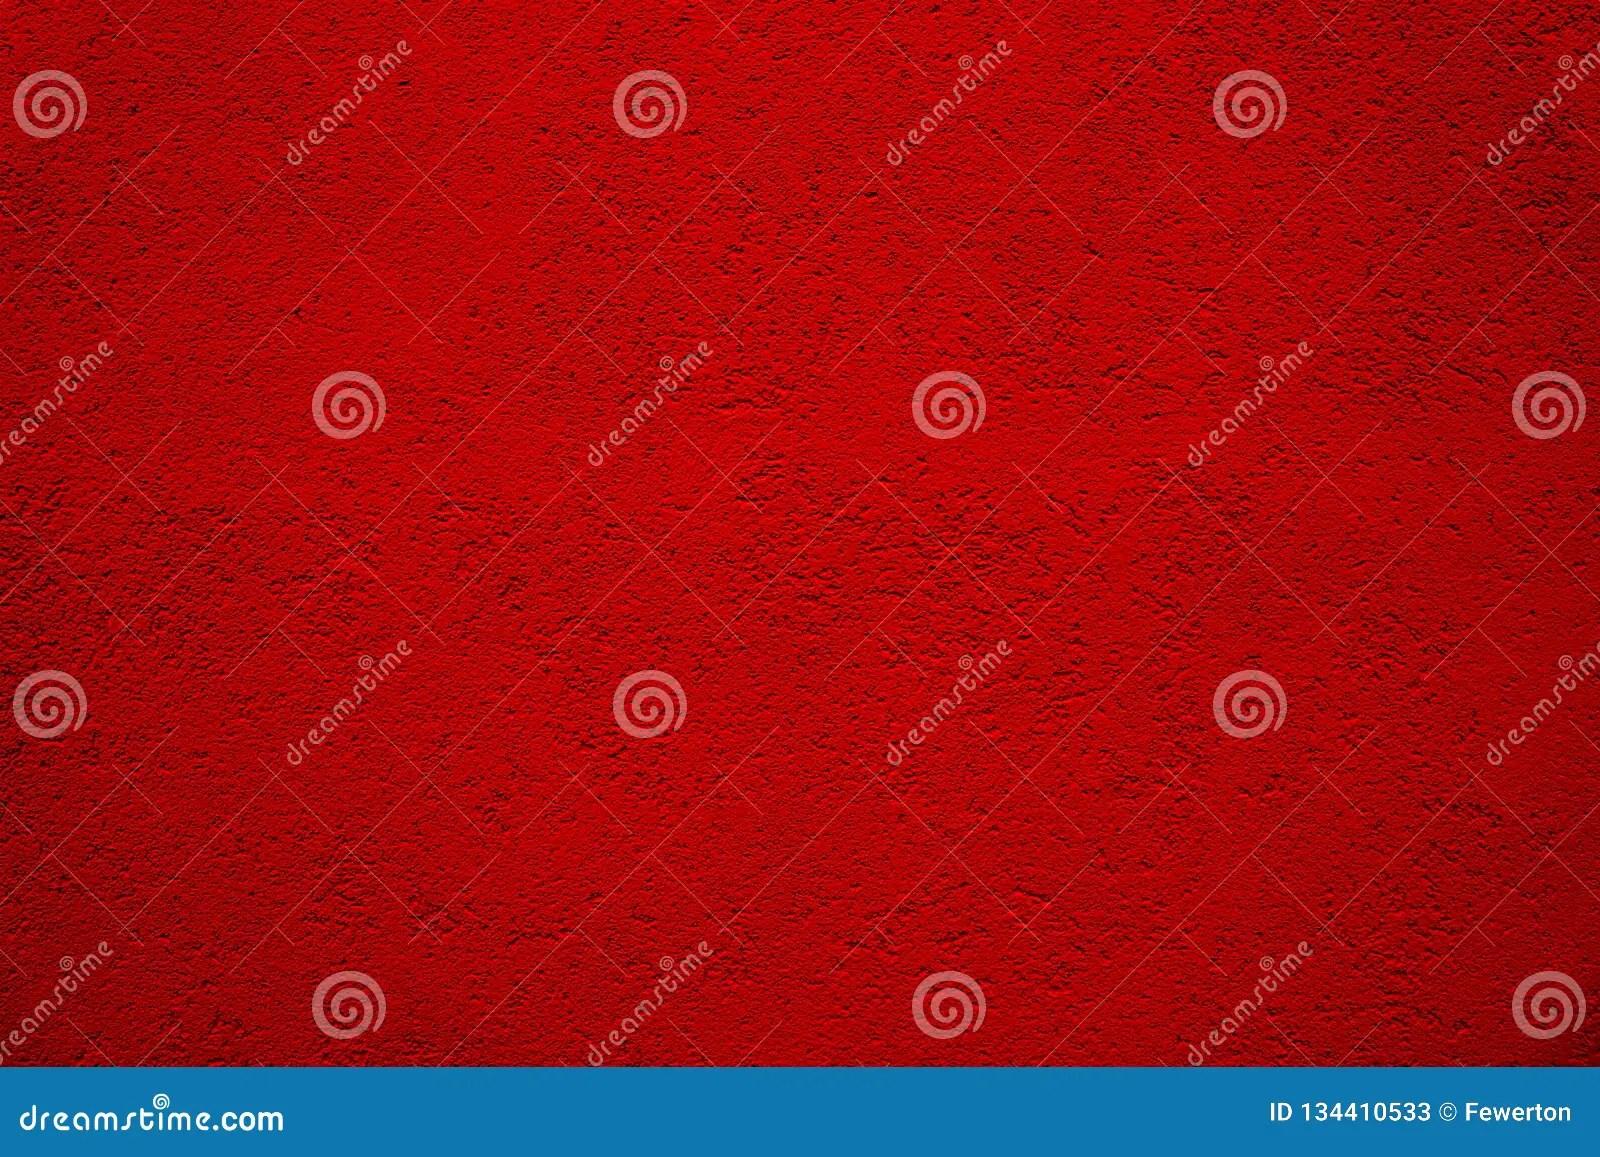 fond rouge fonce de mur mur de platre